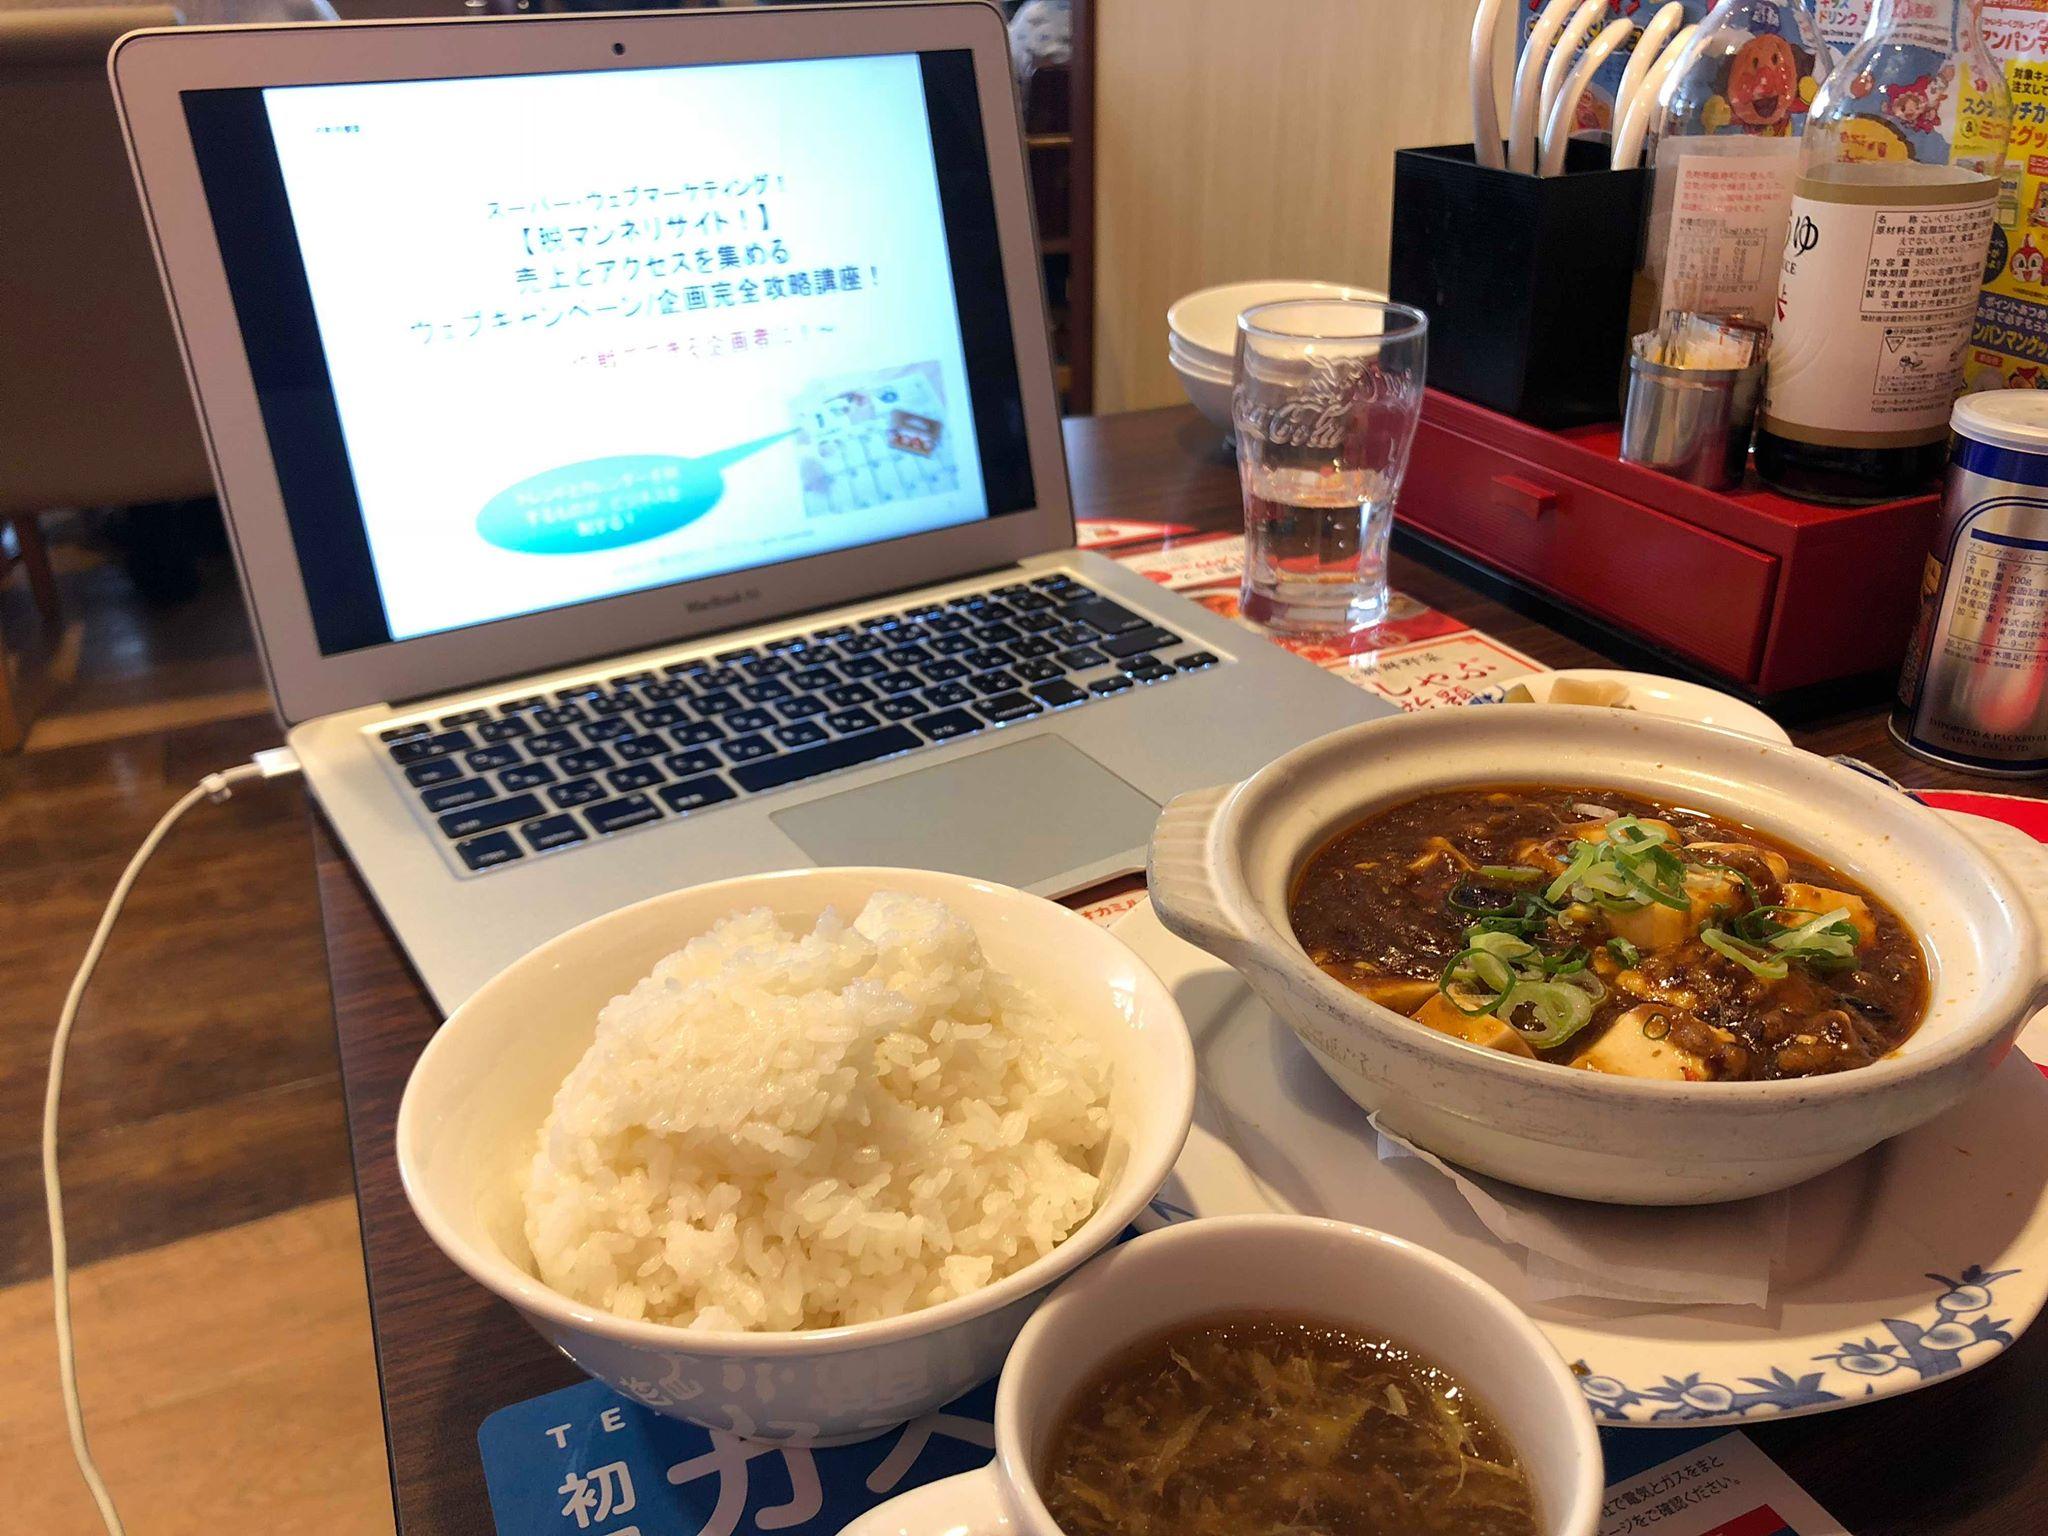 三鷹駅南口 バーミヤン 三鷹駅南口店 Wi-Fi